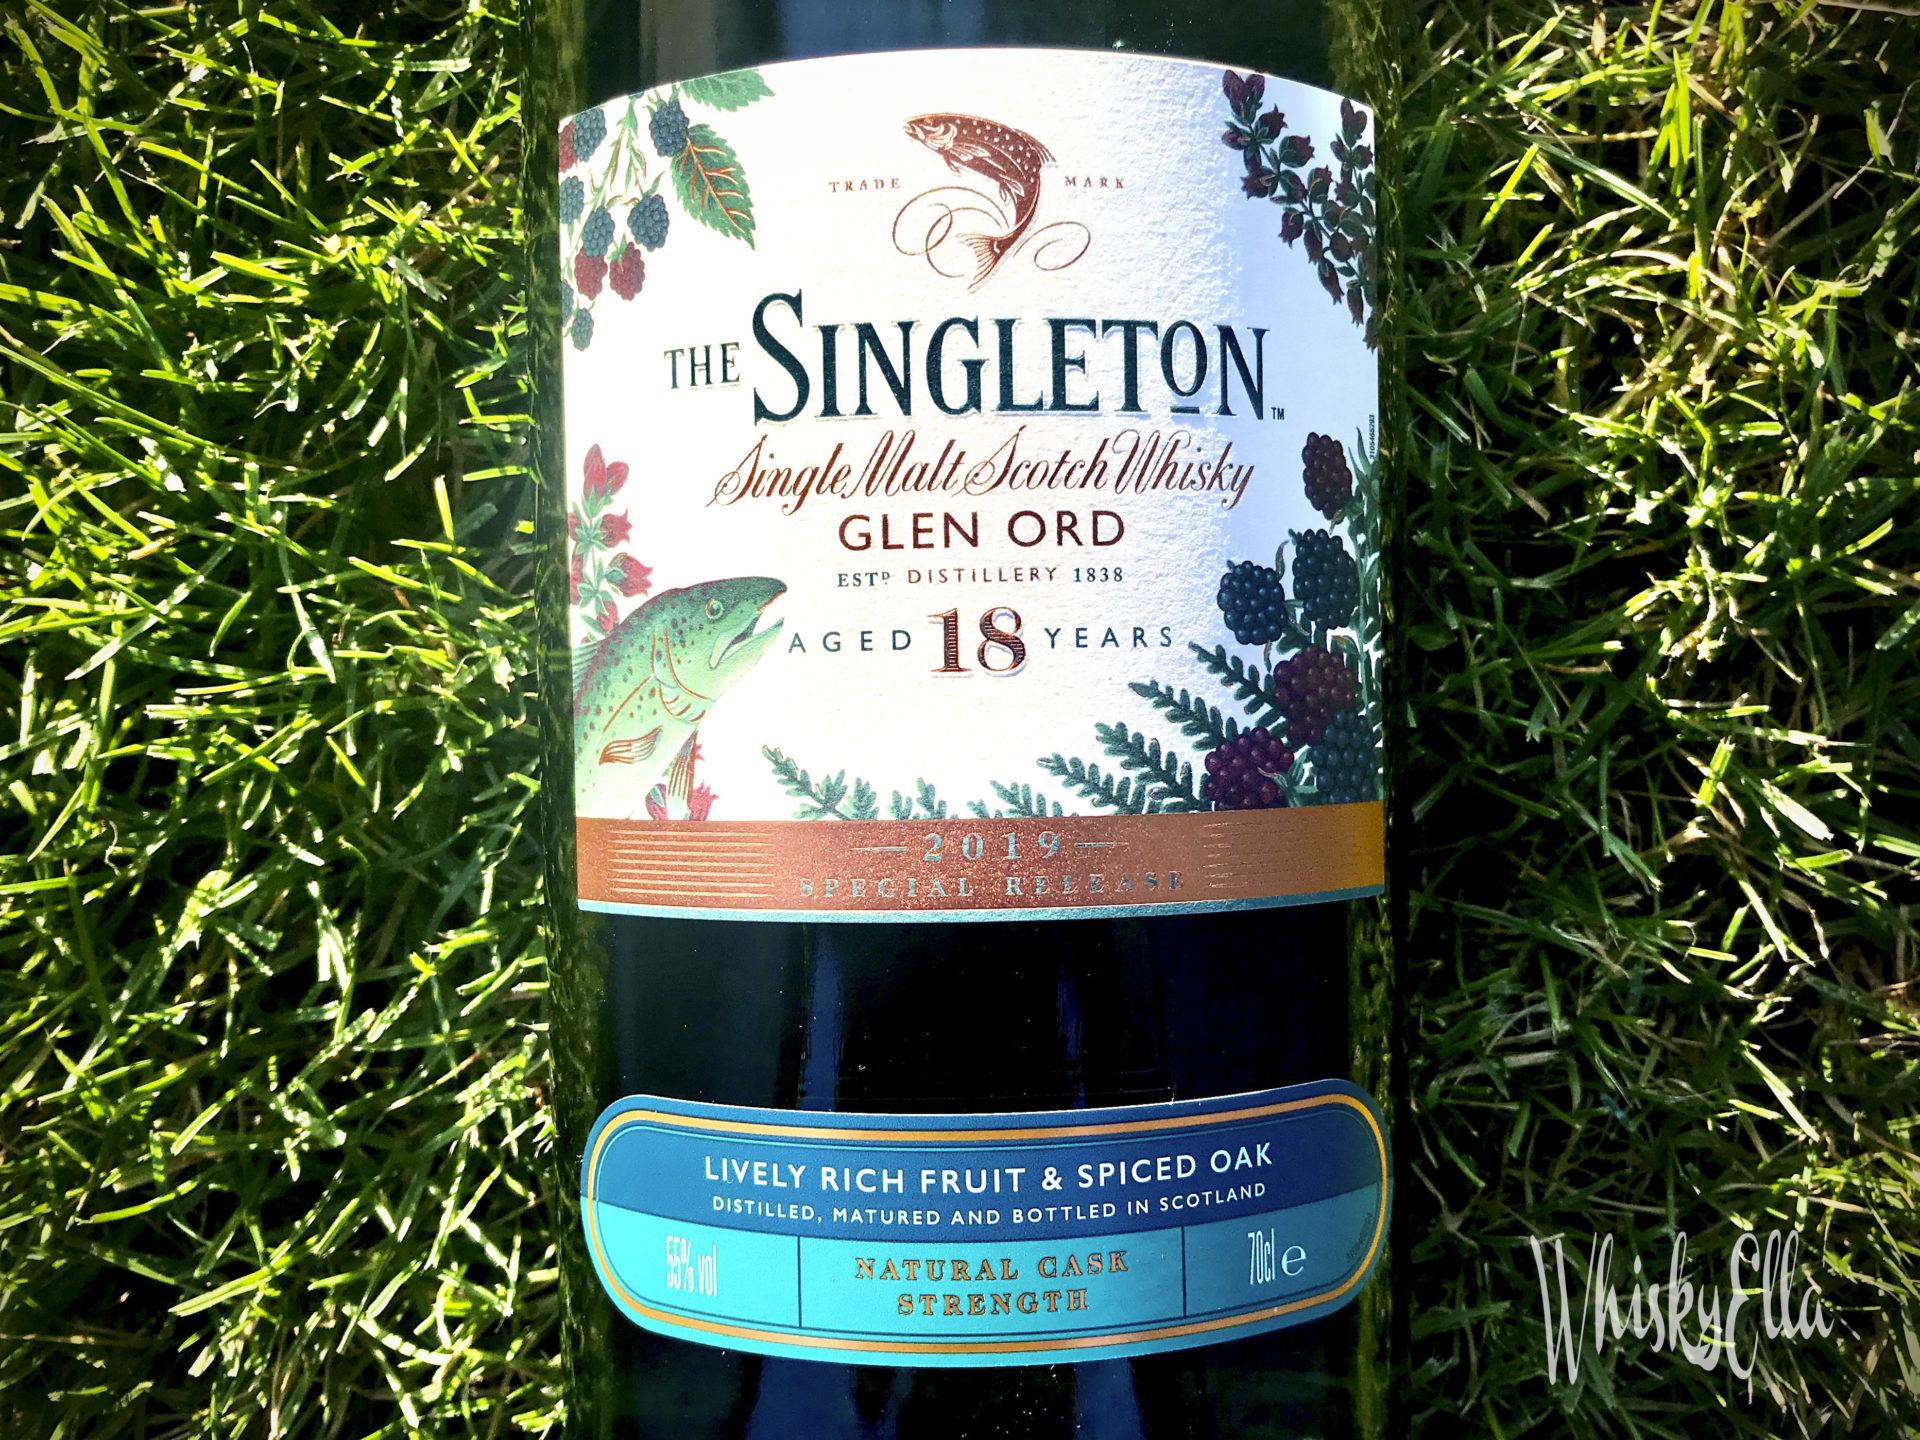 Nasza recenzja Singleton of Glen Ord 18 yo #41